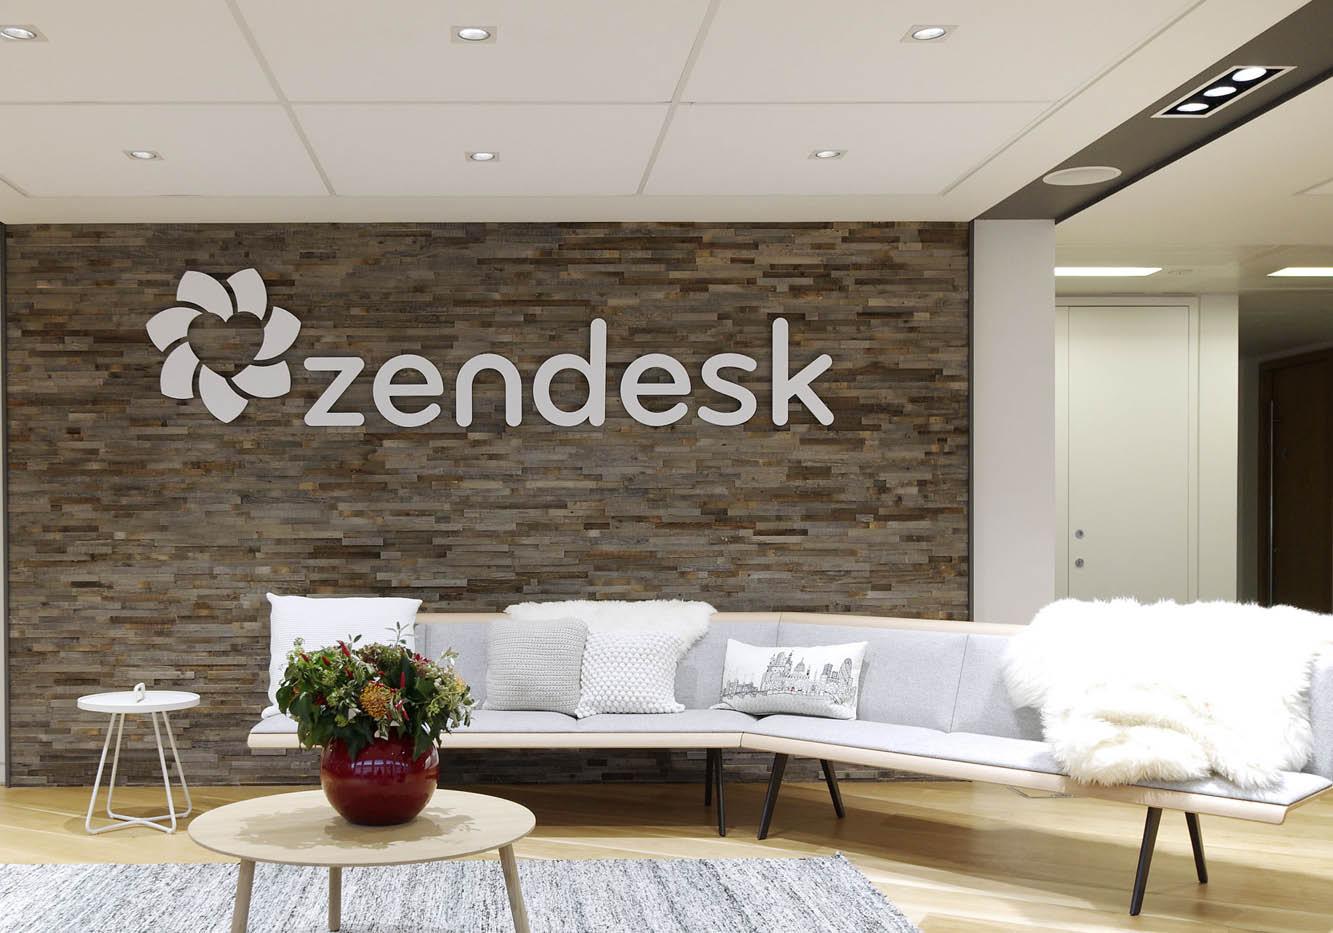 Designcubed Architects Zendesk